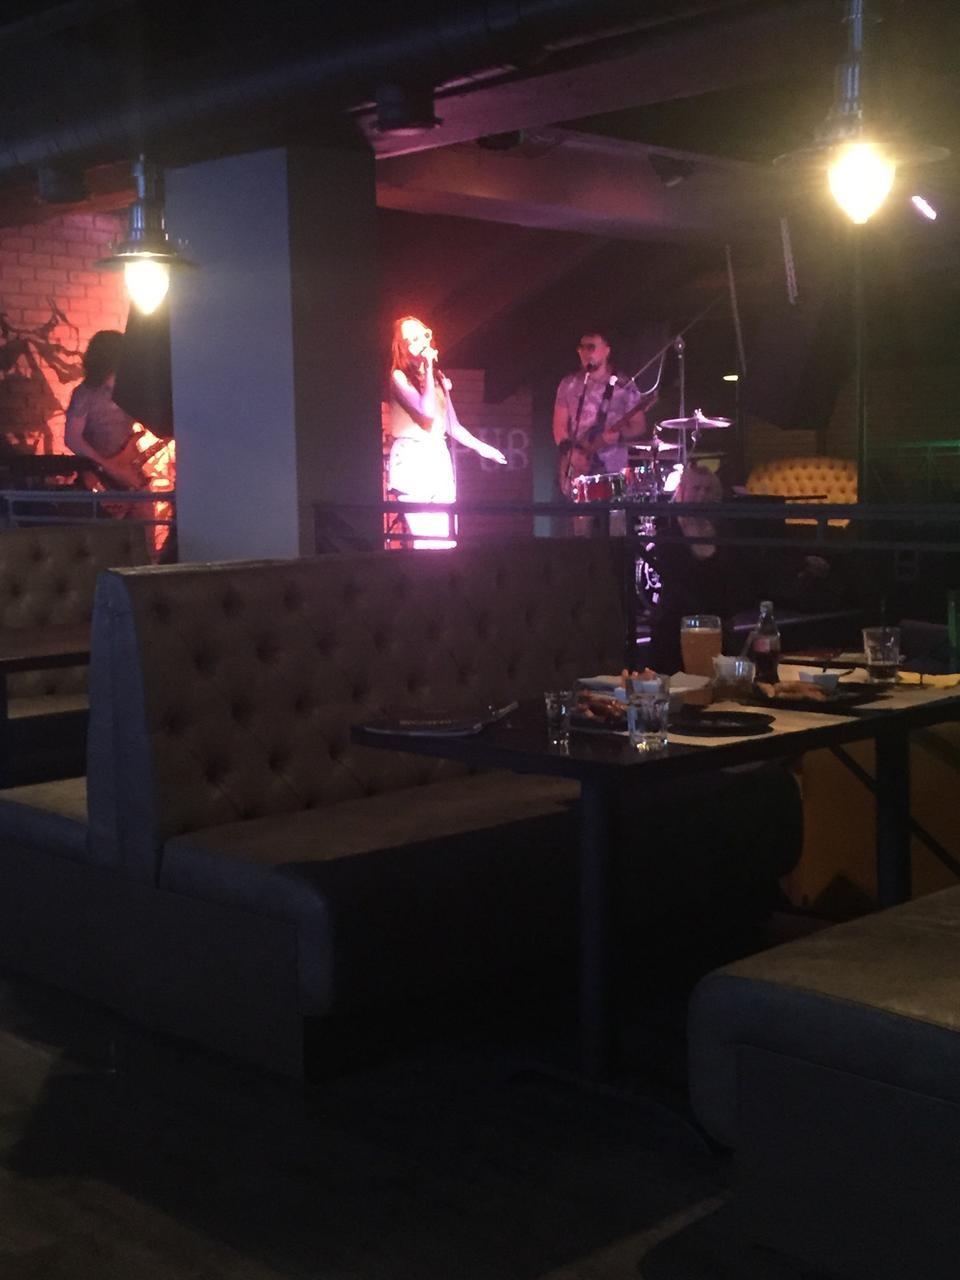 Ресторан Wheelie Pub (Вилли Паб) фото 2